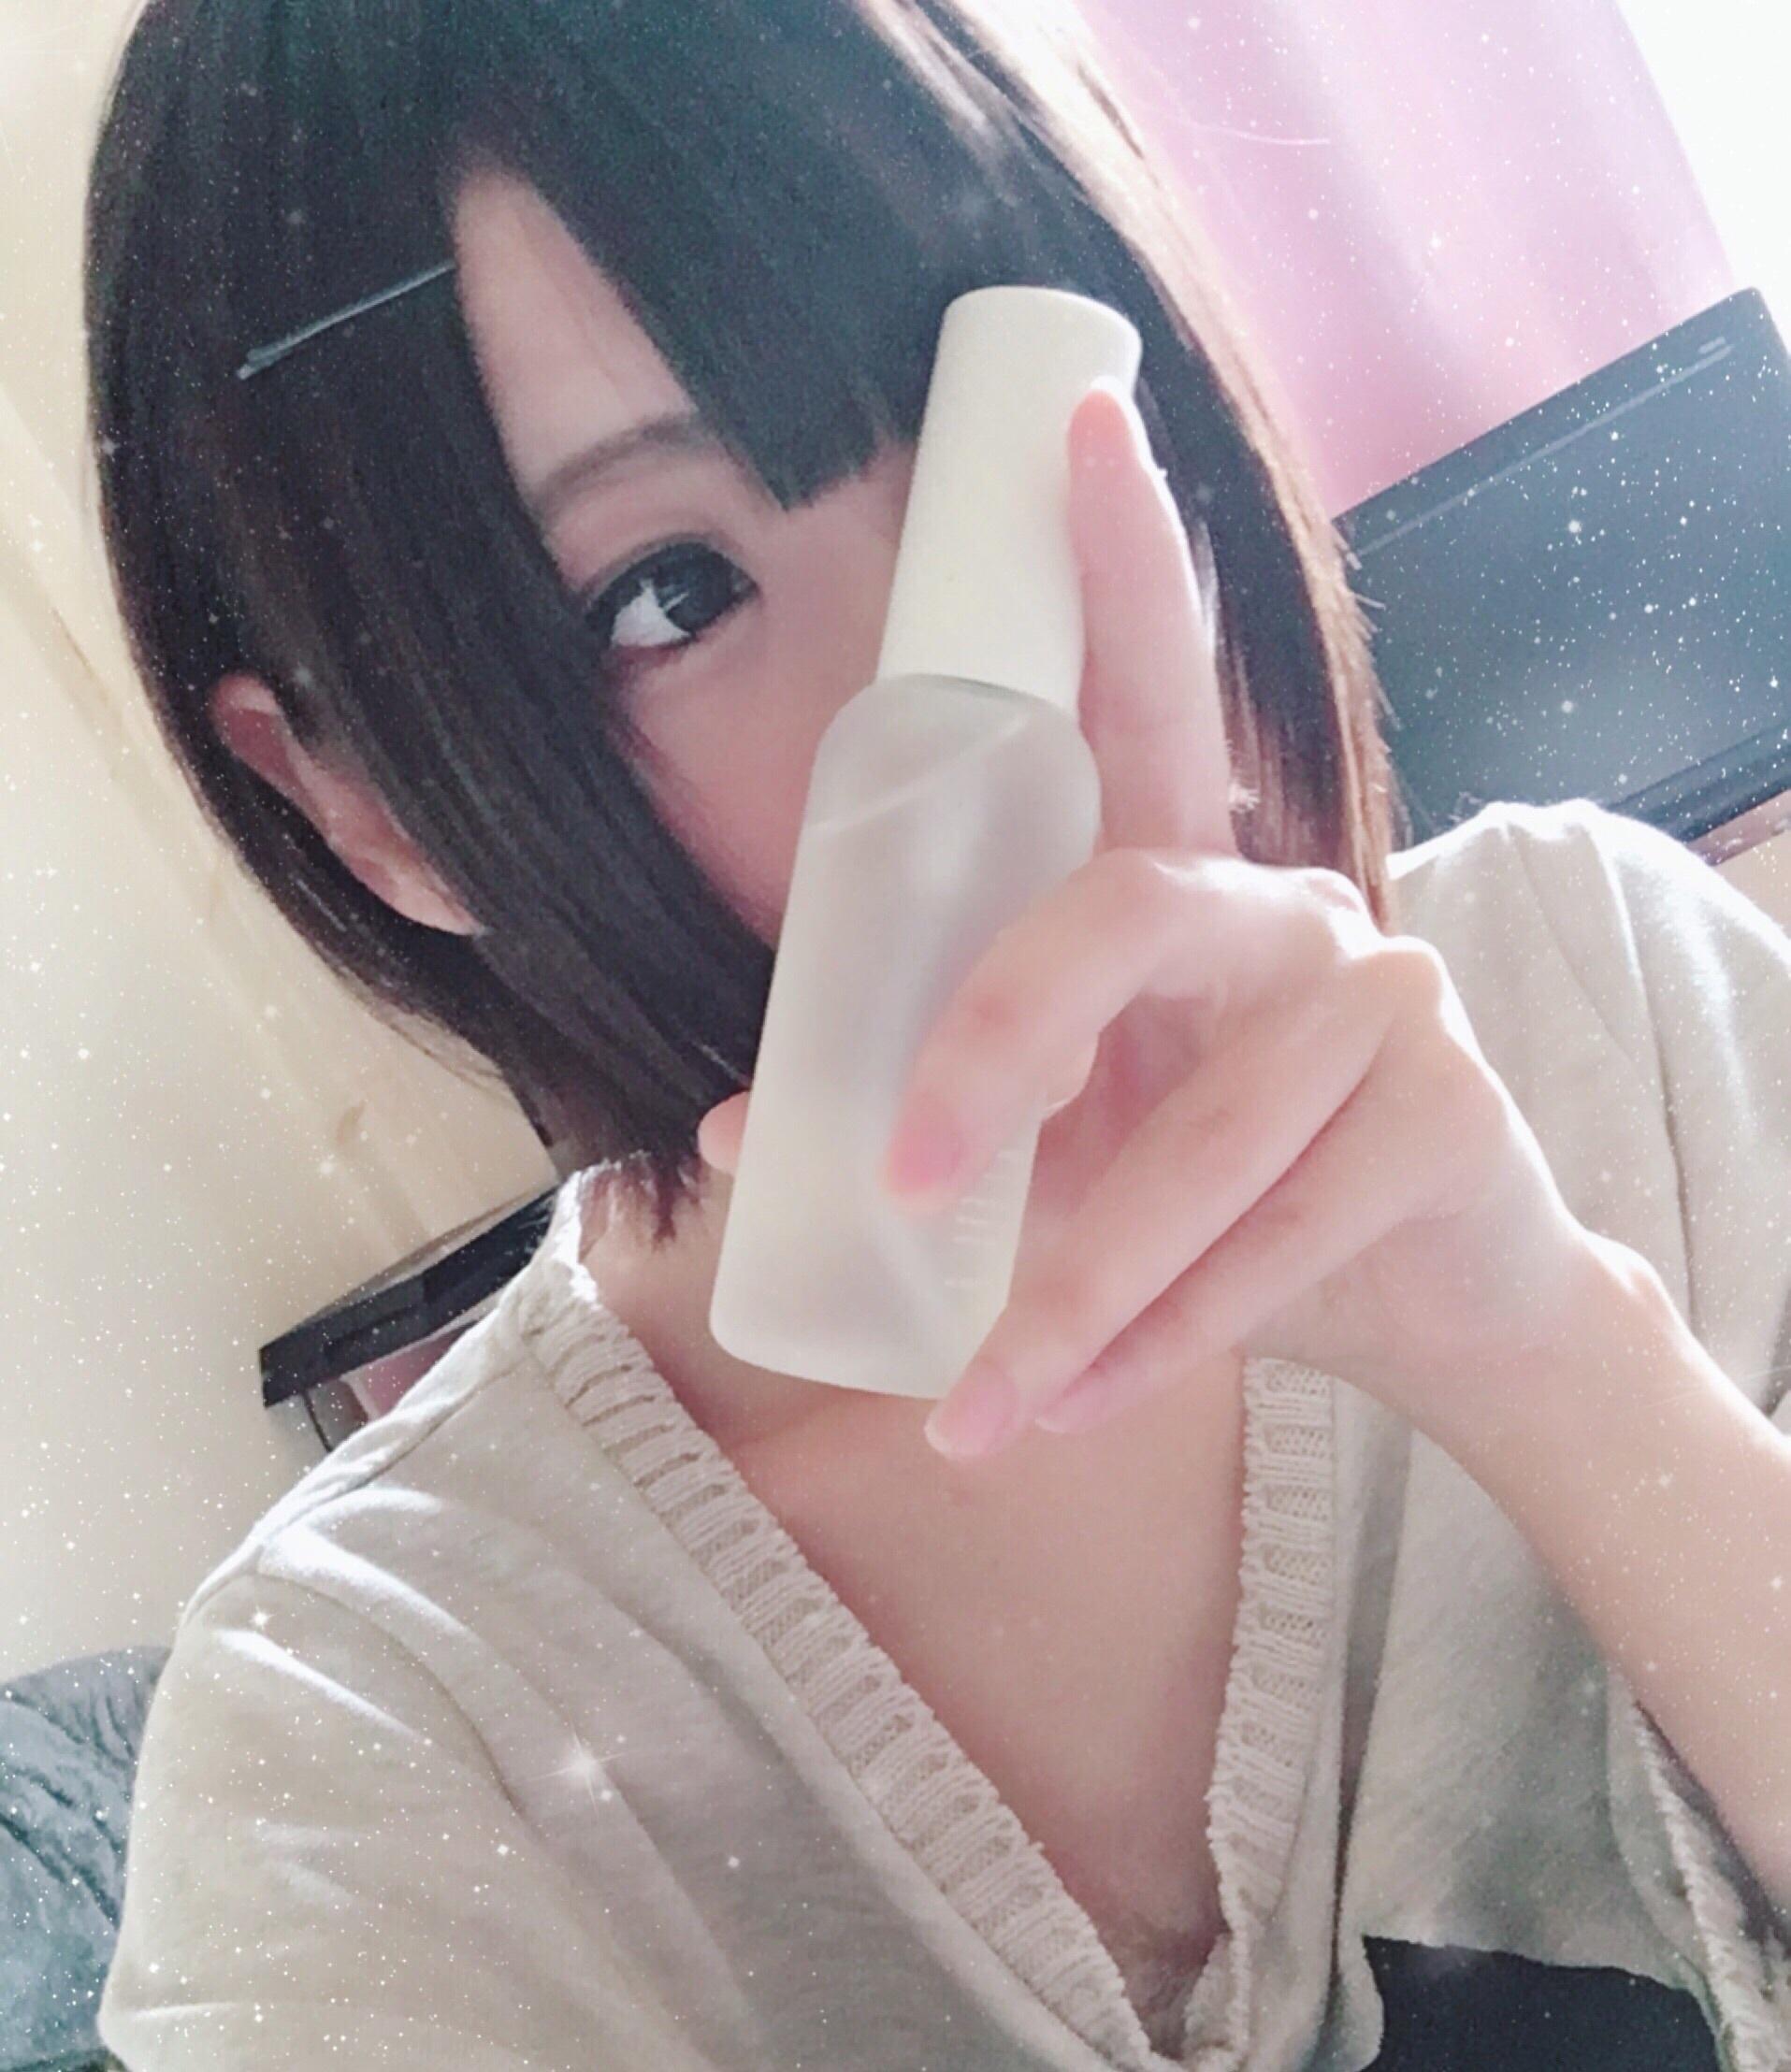 「ネタがない毎日」06/13(06/13) 19:40   ゆめの写メ・風俗動画